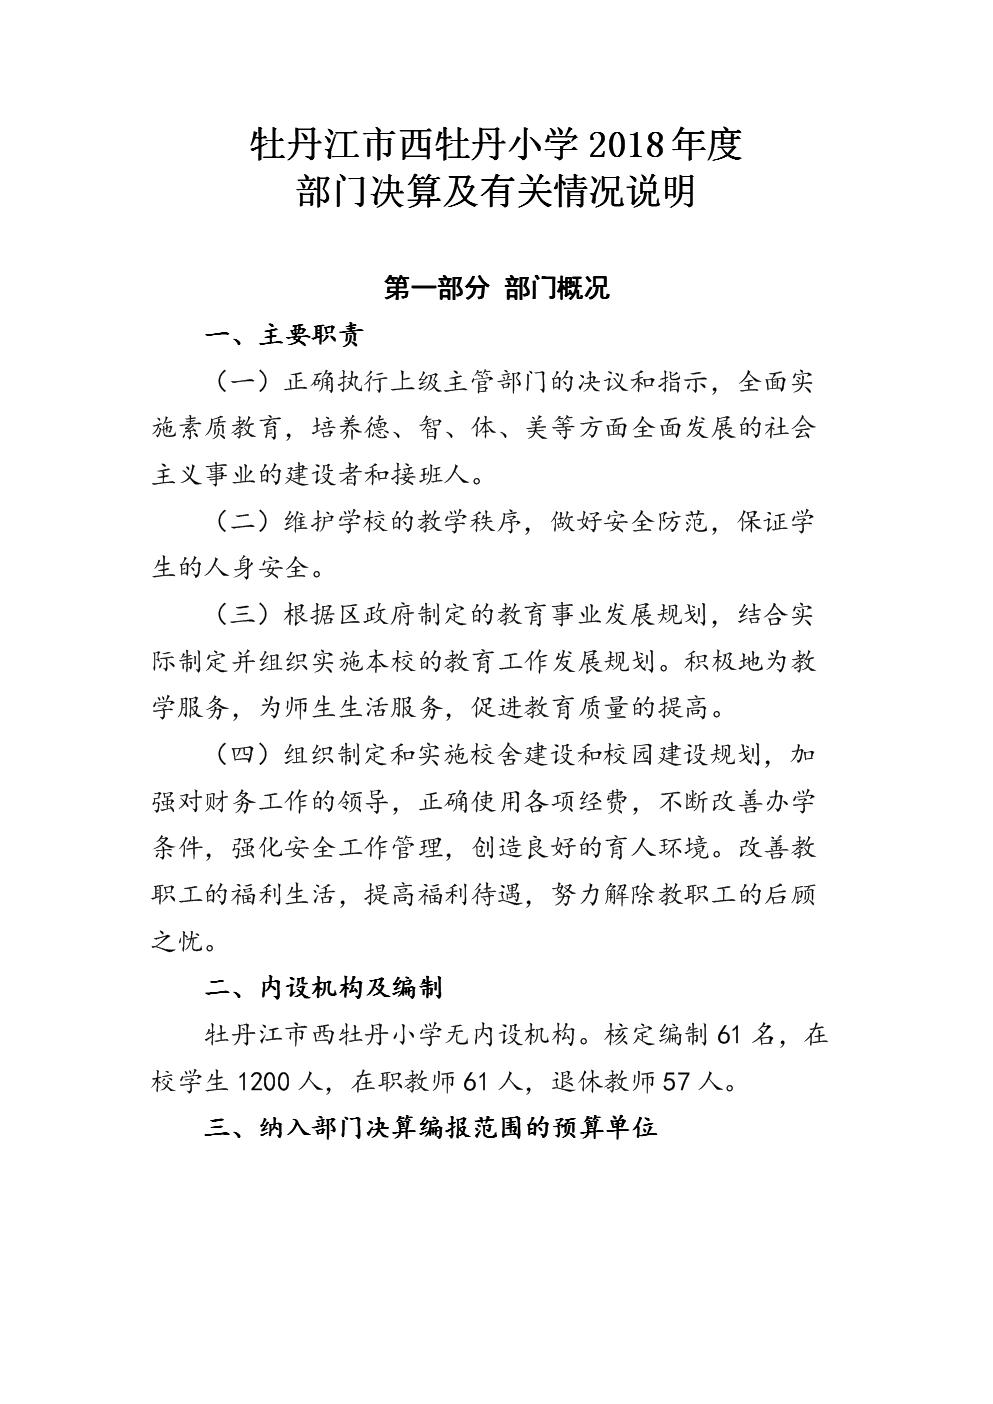 牡丹江市西牡丹小学2018年度部门决算及有关情况说明.doc